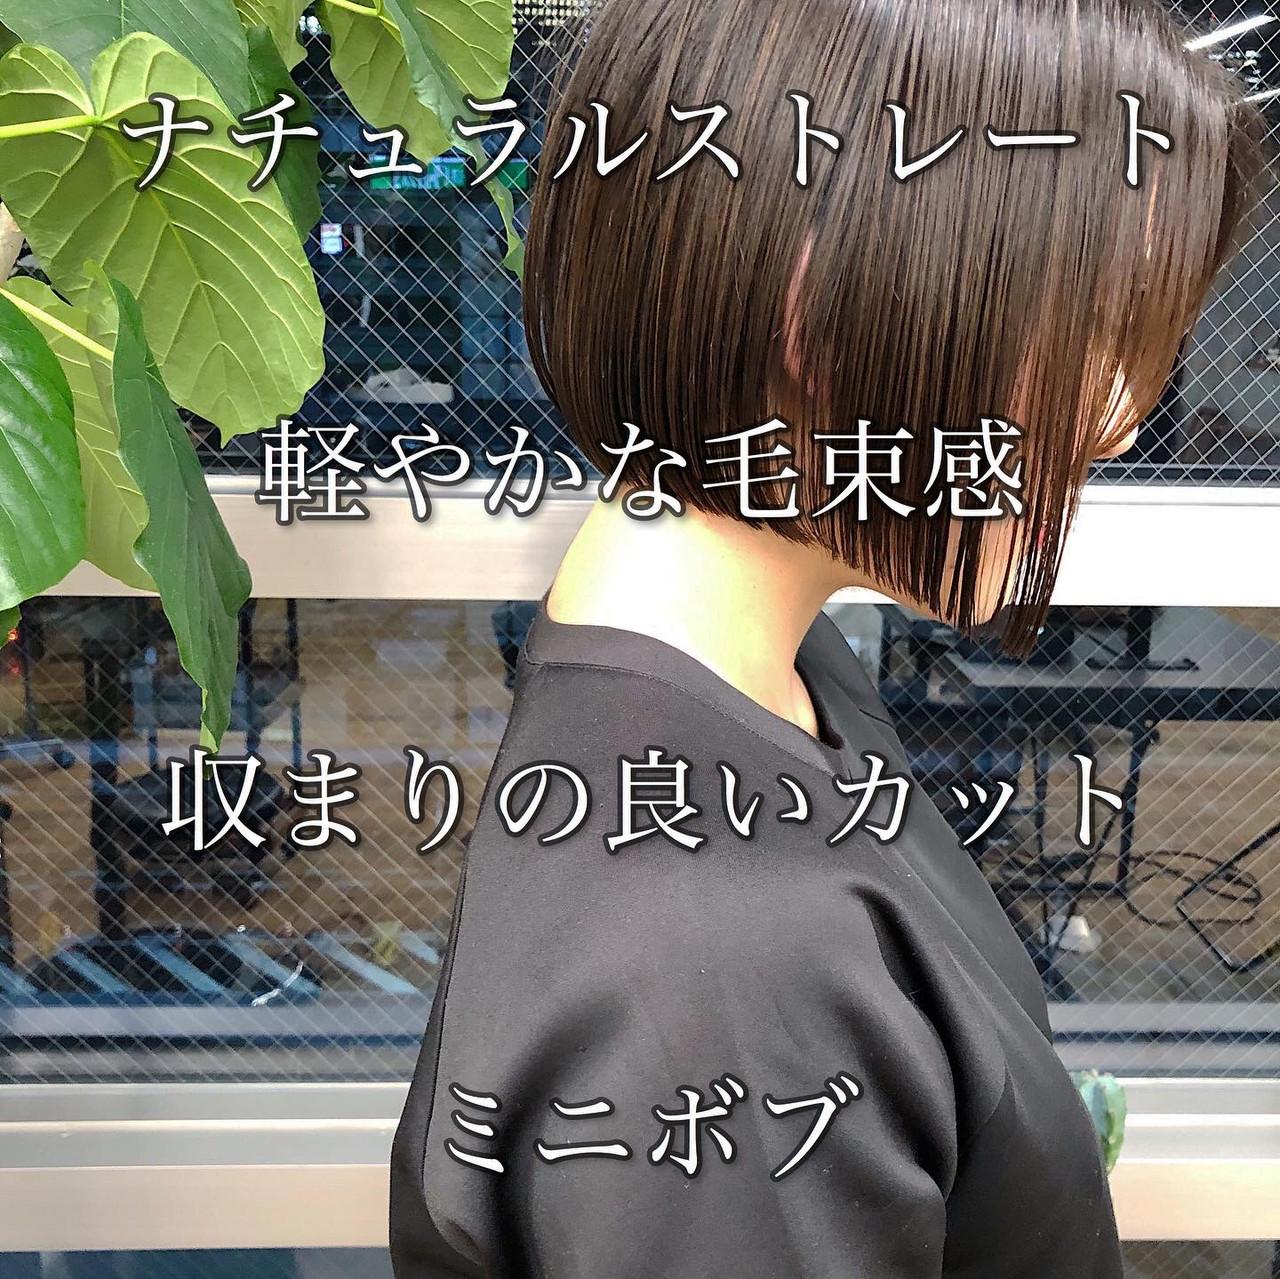 大人かわいい ミニボブ ナチュラル 縮毛矯正 ヘアスタイルや髪型の写真・画像 | 本田 重人 / maltu銀座